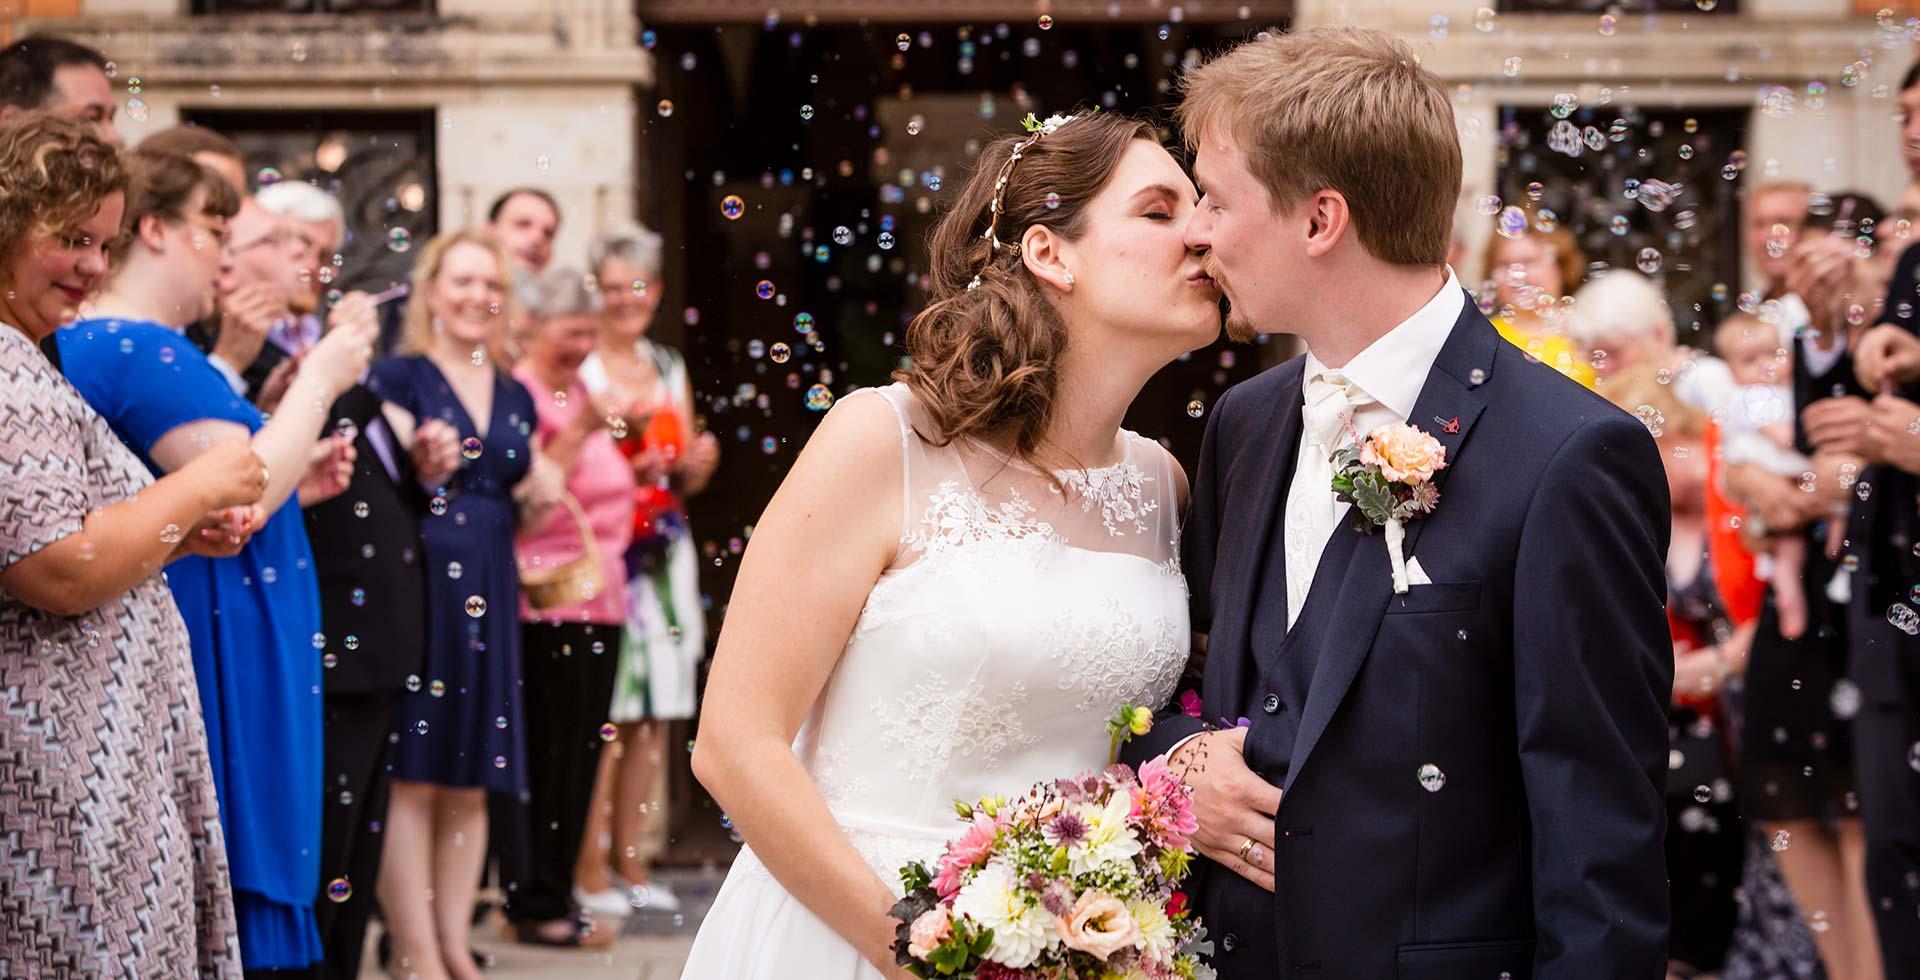 Hochzeitspaar nach der Trauung, Kuss